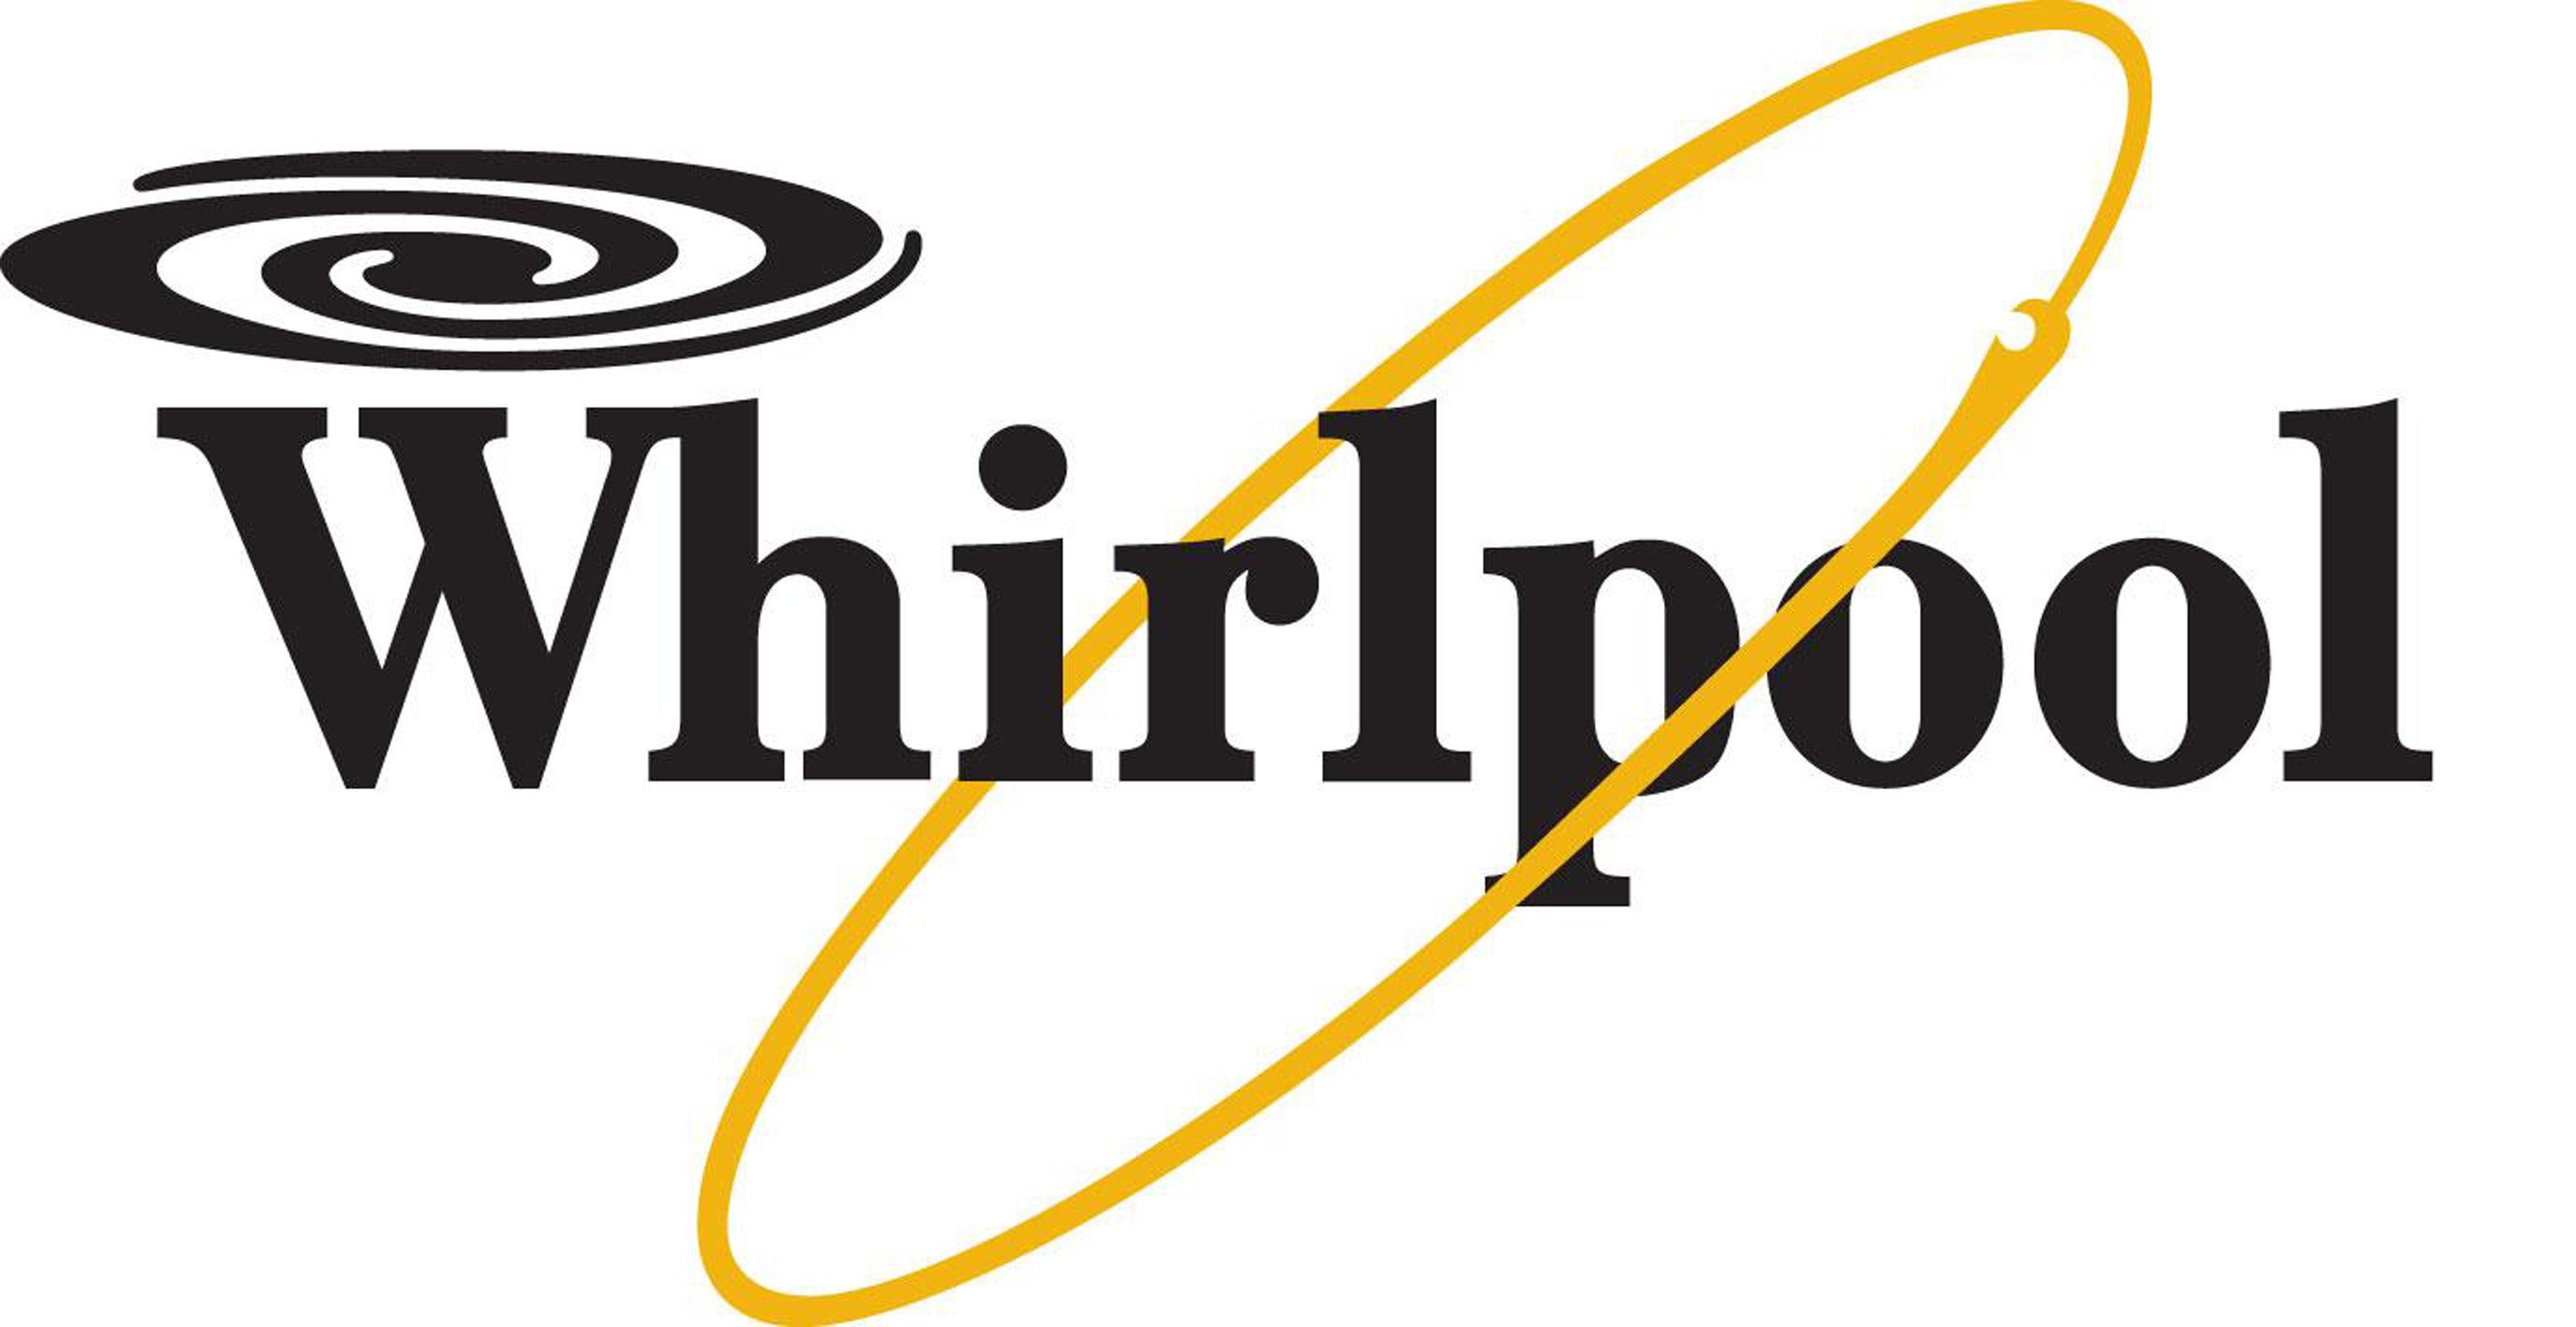 惠而浦 Whirlpool